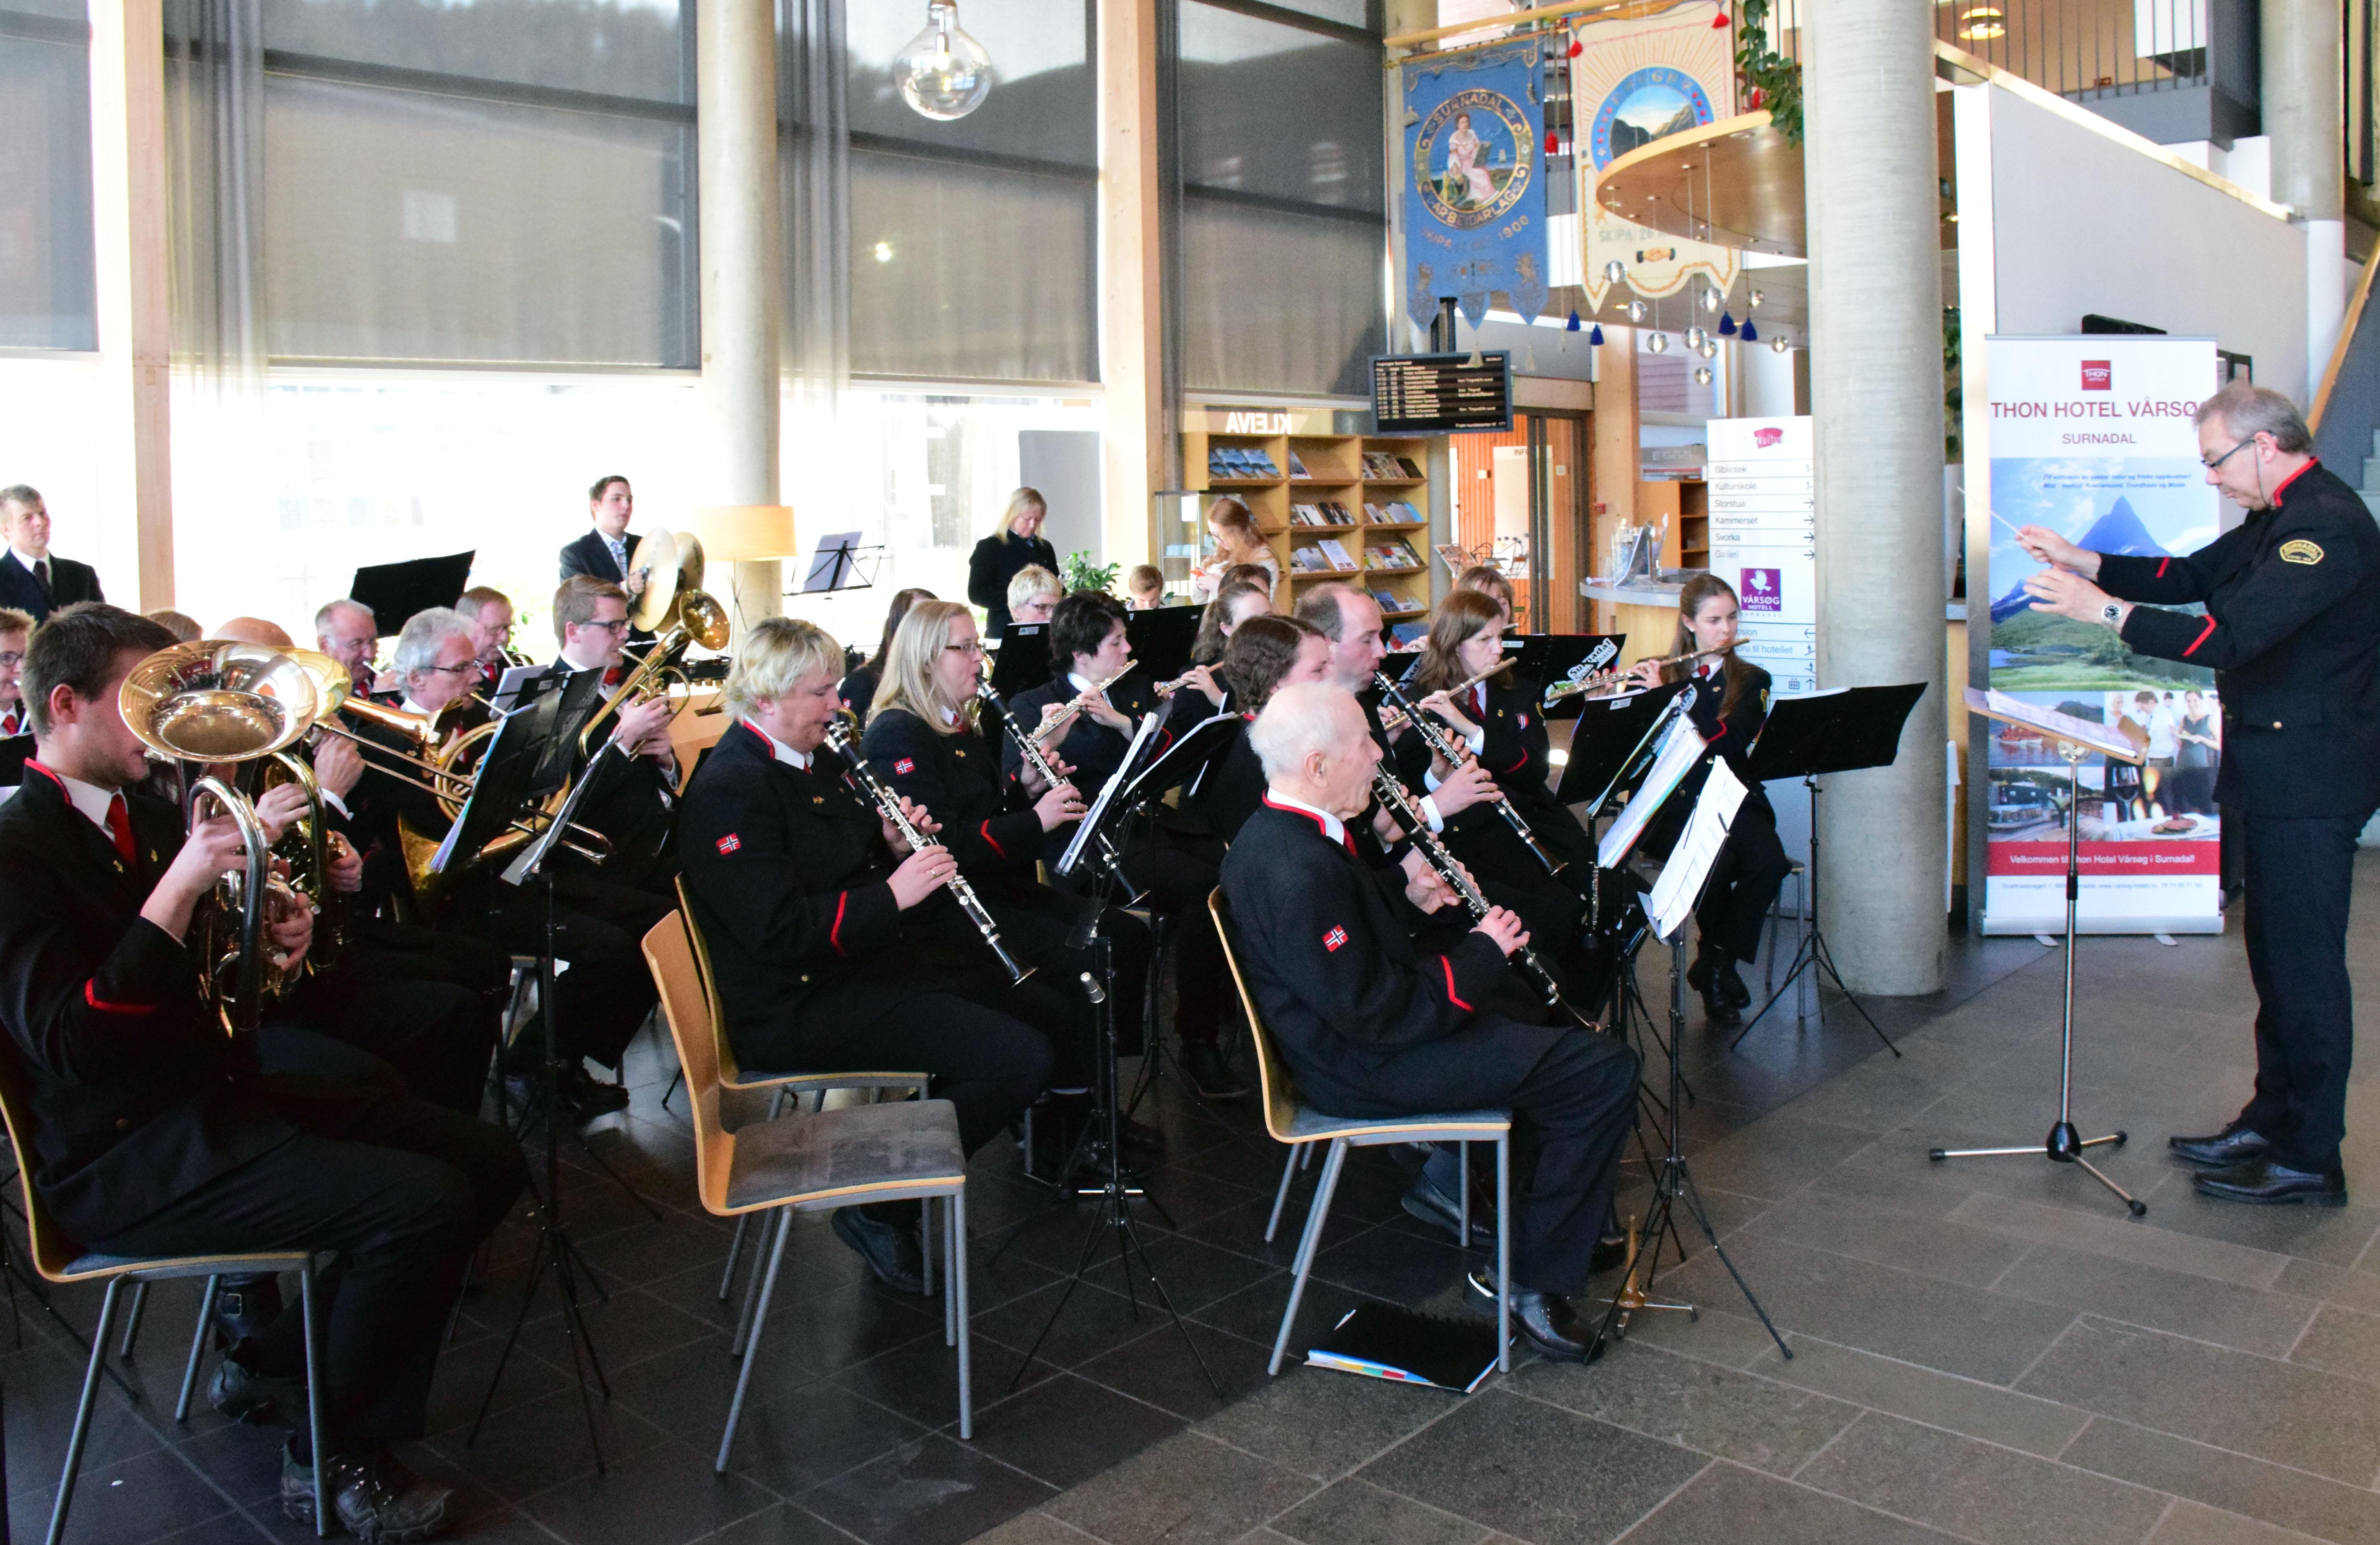 Surnadal Hornmusikk med sin dirigent Einar Sødergren. foto: Jon Olav Ørsal